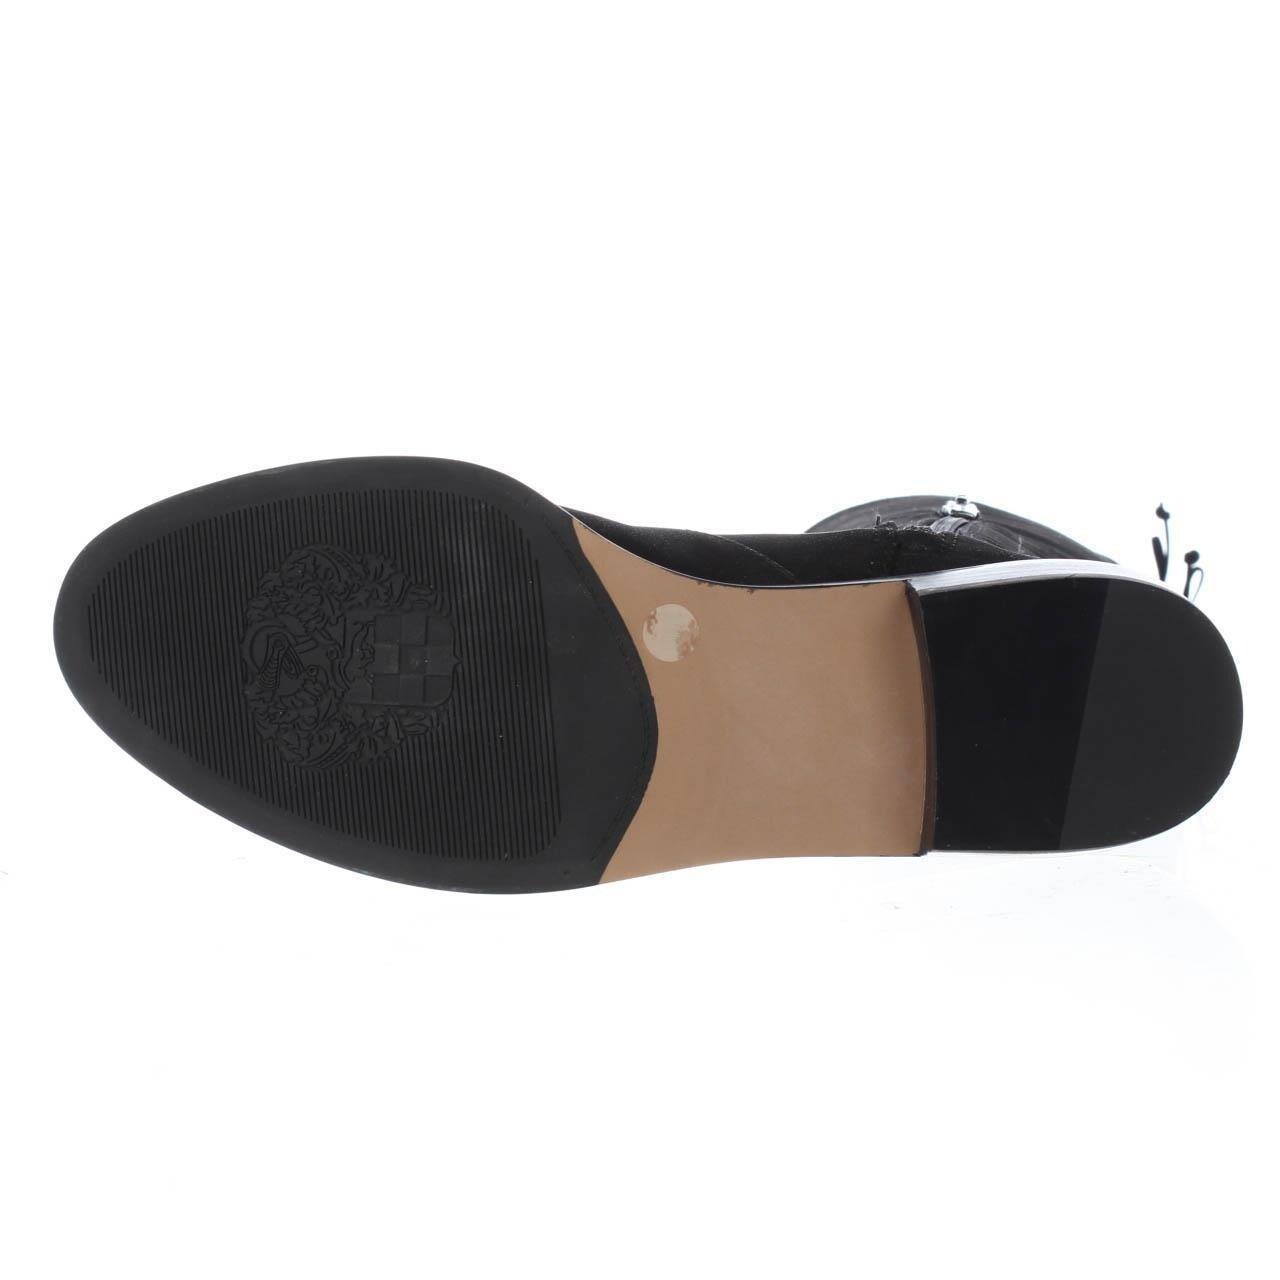 c32a0d6ec42 Shop Vince Camuto Crisintha Over-The-Knee Rear Lace Boots